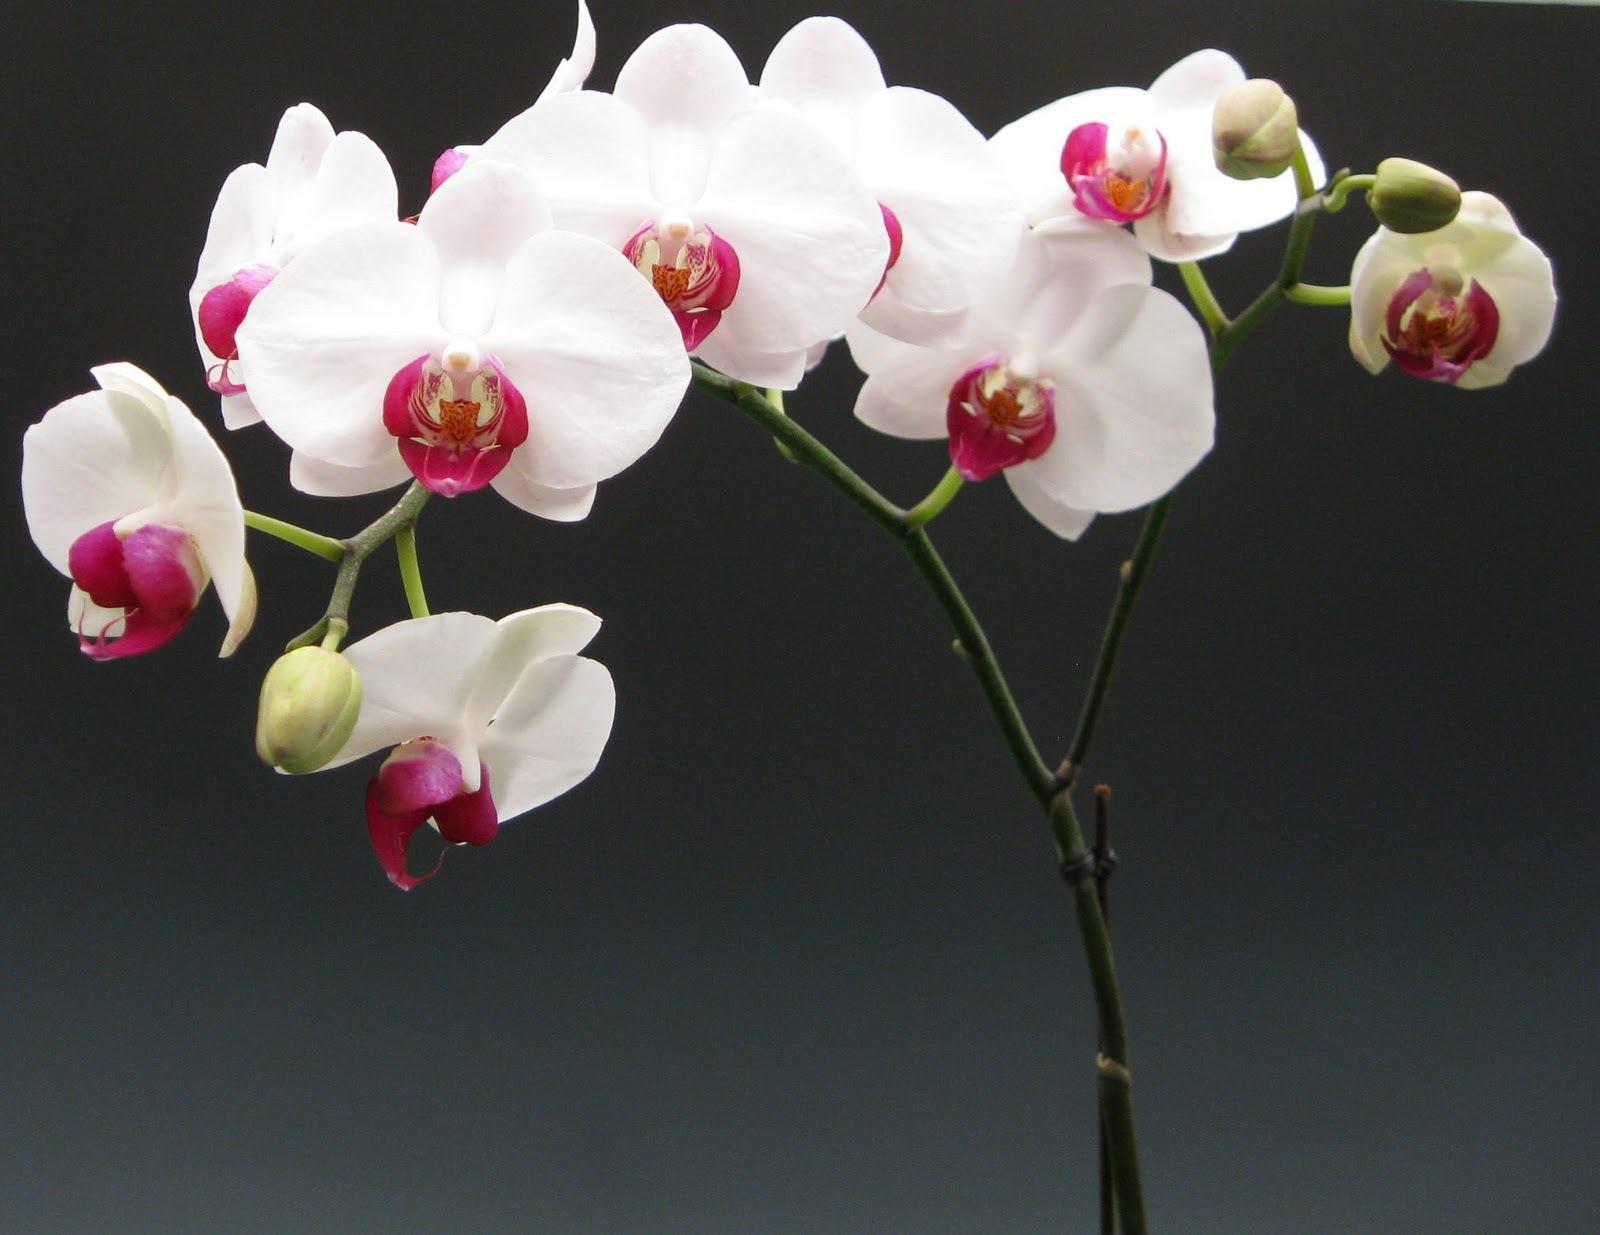 Shenzhen Nongke Orchid For Desktop Background